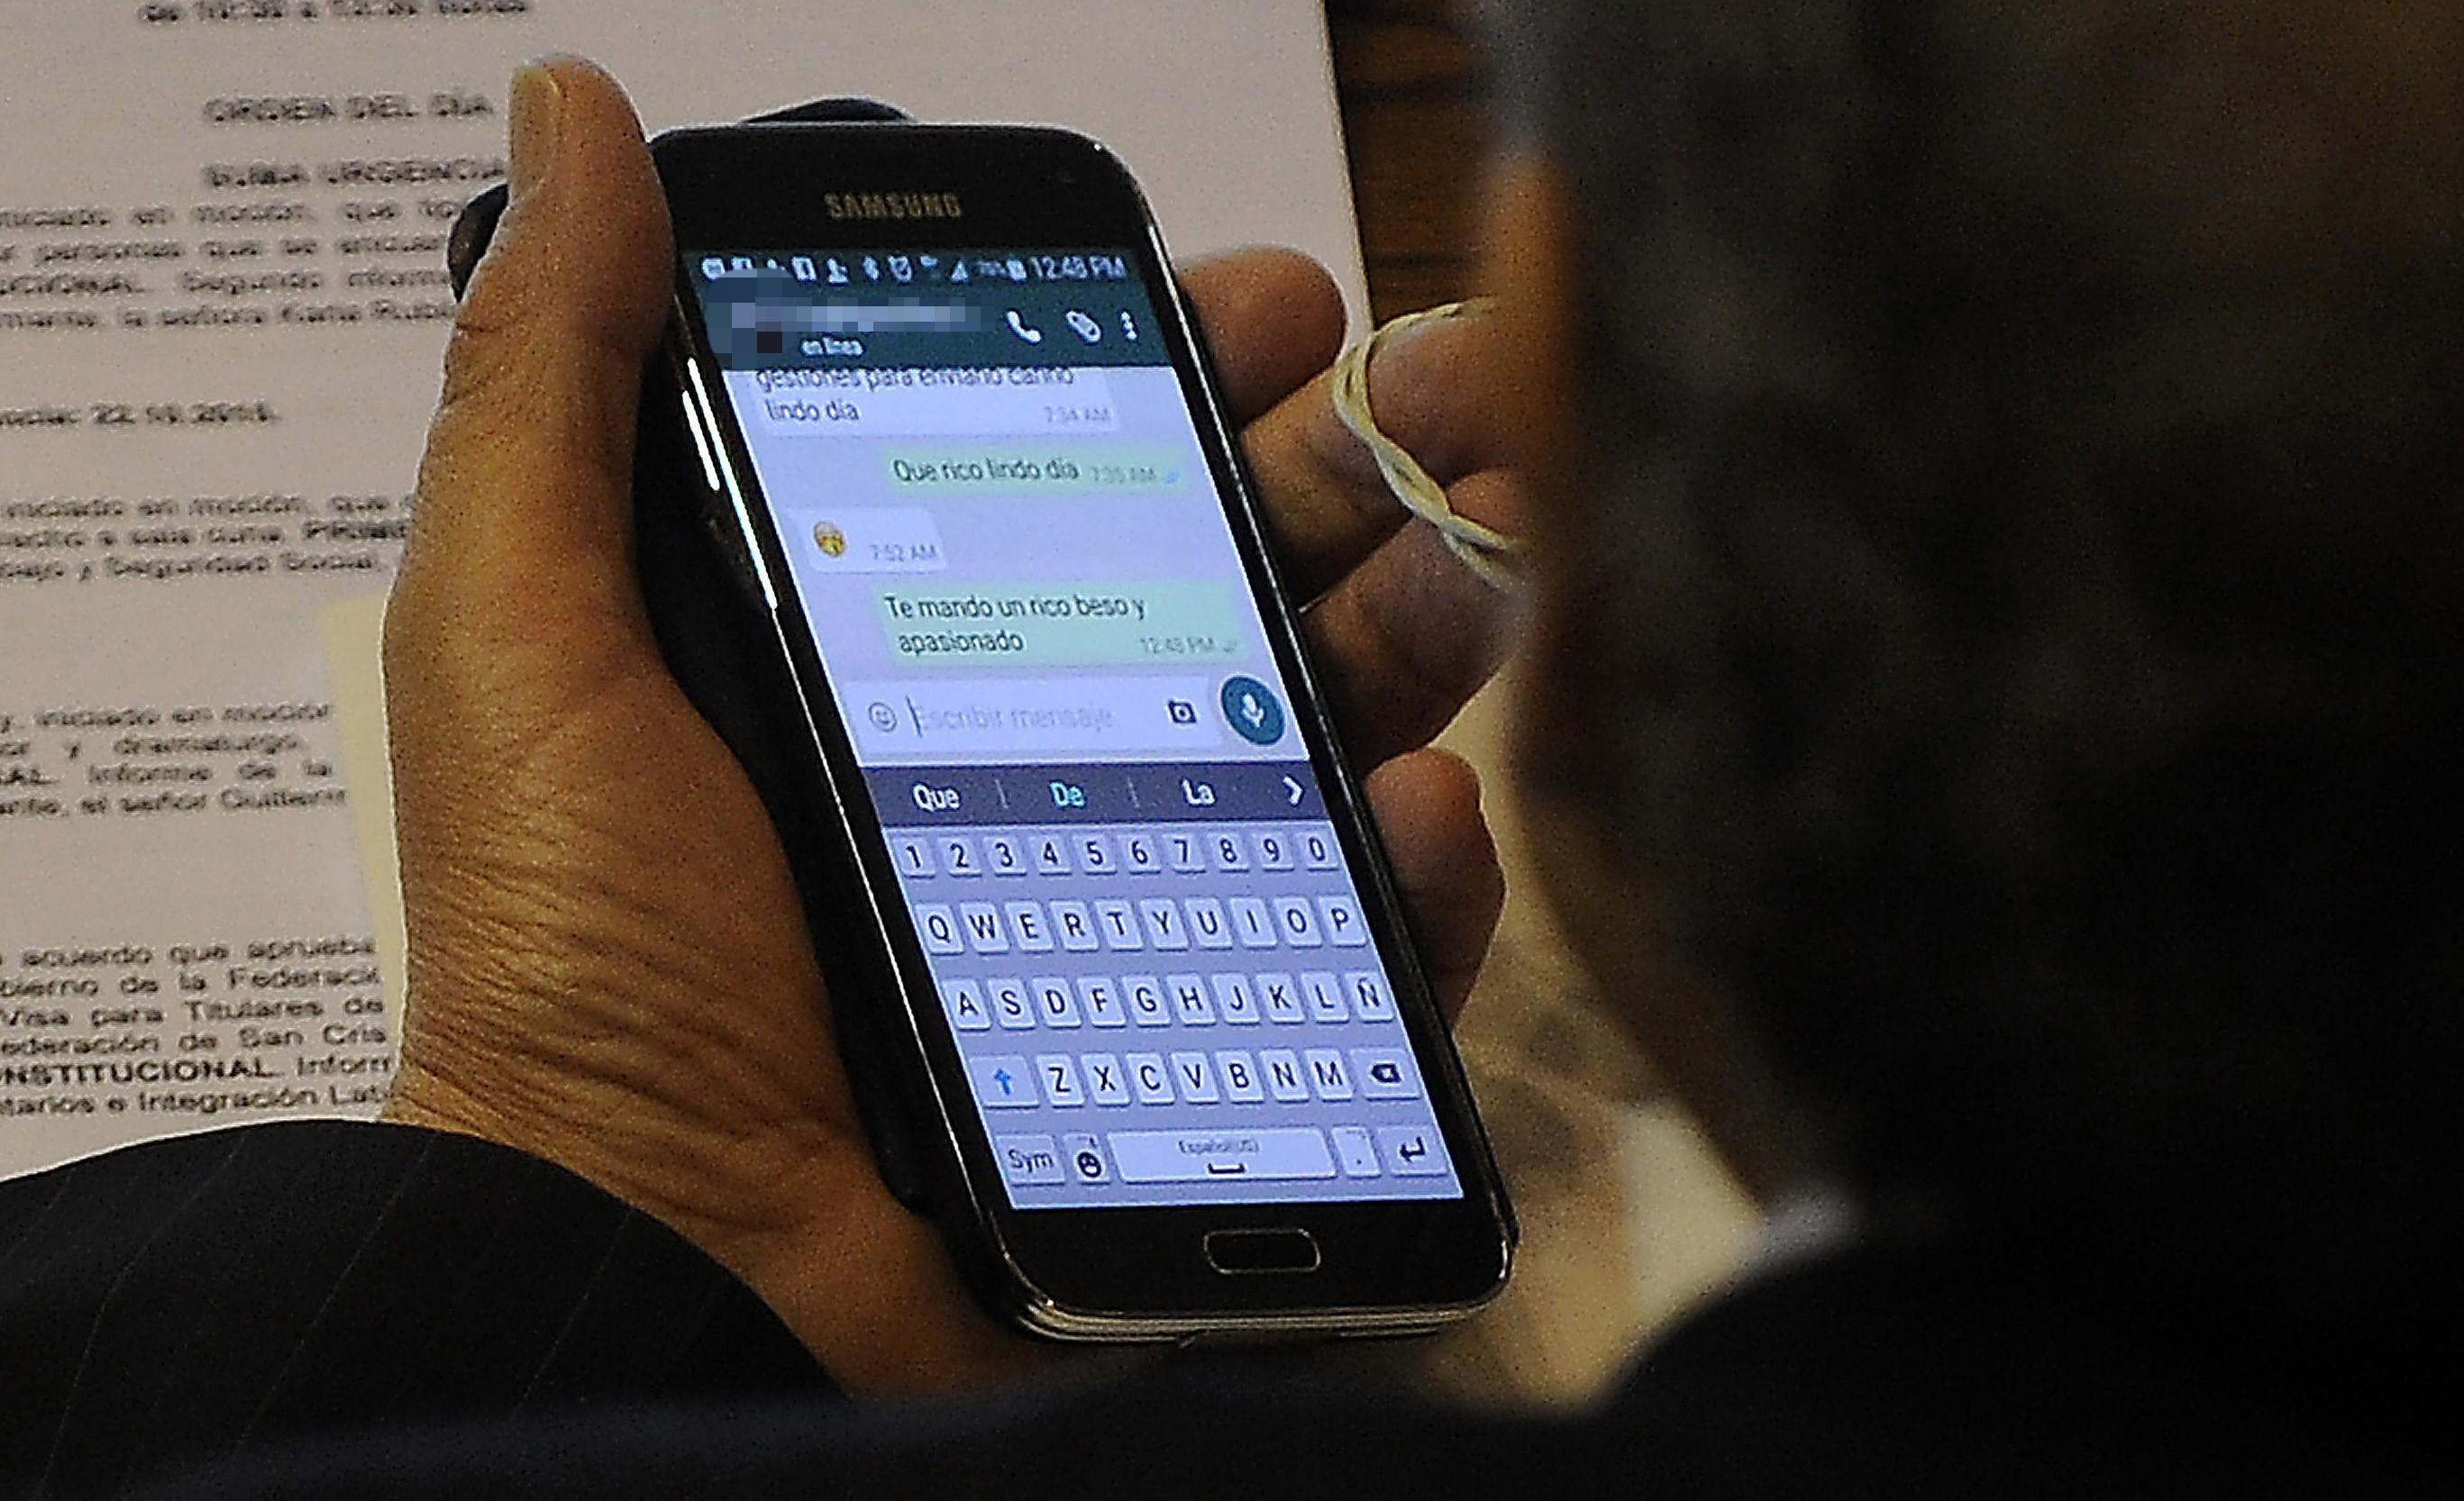 22 OCTUBRE de 2015 /VALPARAISO El Diputado Guillermo Ceroni mantiene conversación de contenido sexual por teléfono durante la votación del proyecto que tipifica el delito de maltrato de adultos mayores cometido por personas que se encuentren a cargo de su cuidado. FOTO : AGENCIAUNO